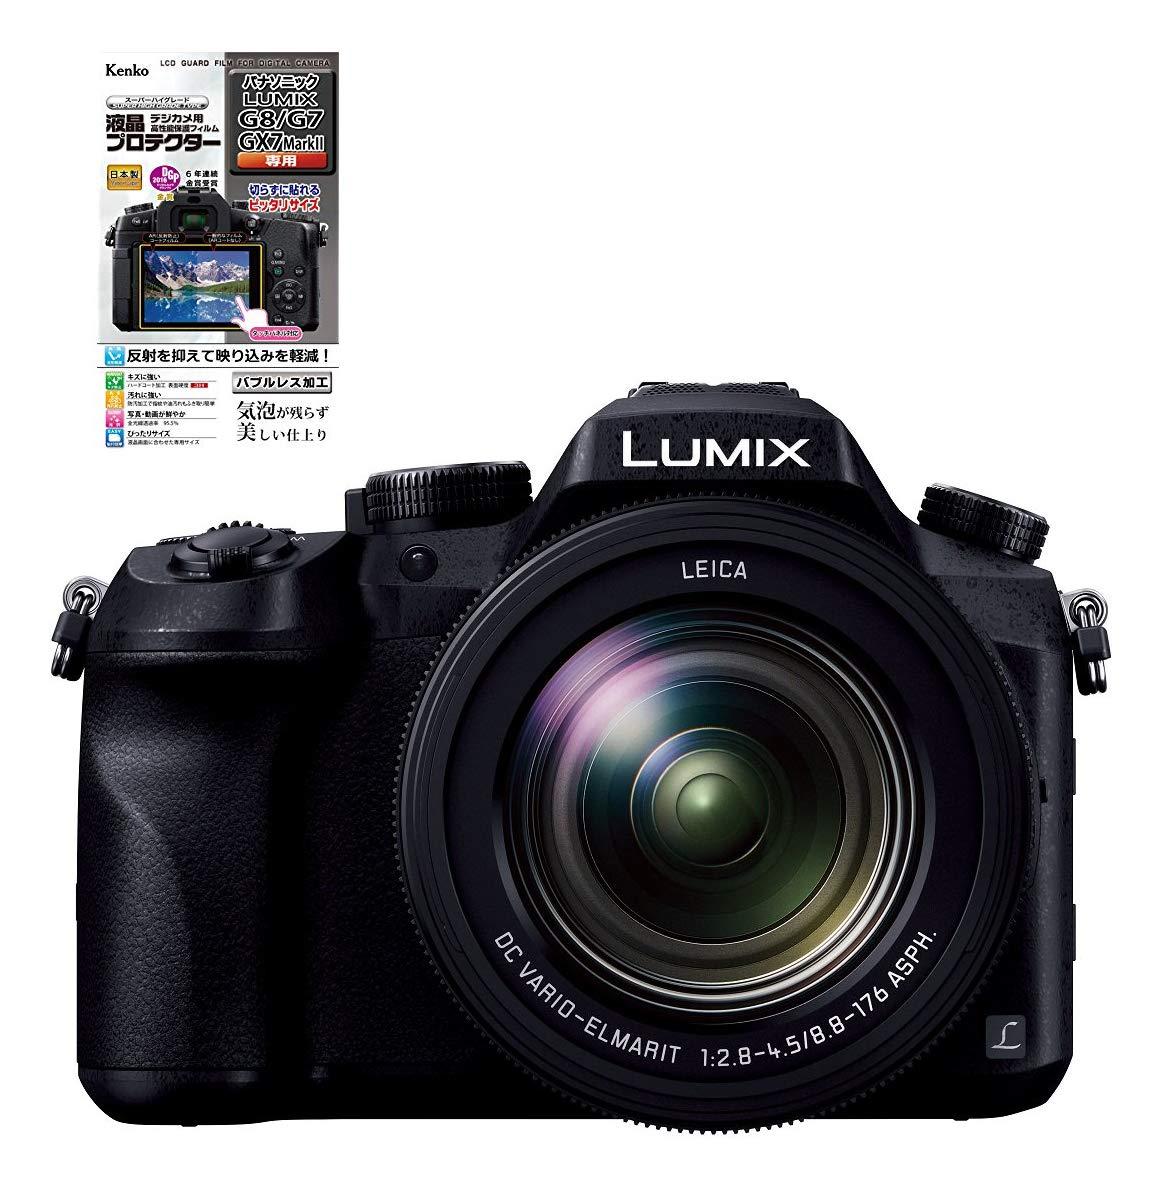 パナソニック デジタルカメラ ルミックス FZH1 2010万画素 光学20倍 ブラック DMC-FZH1 + Kenko 液晶保護フィルム セット   B07PFW237D